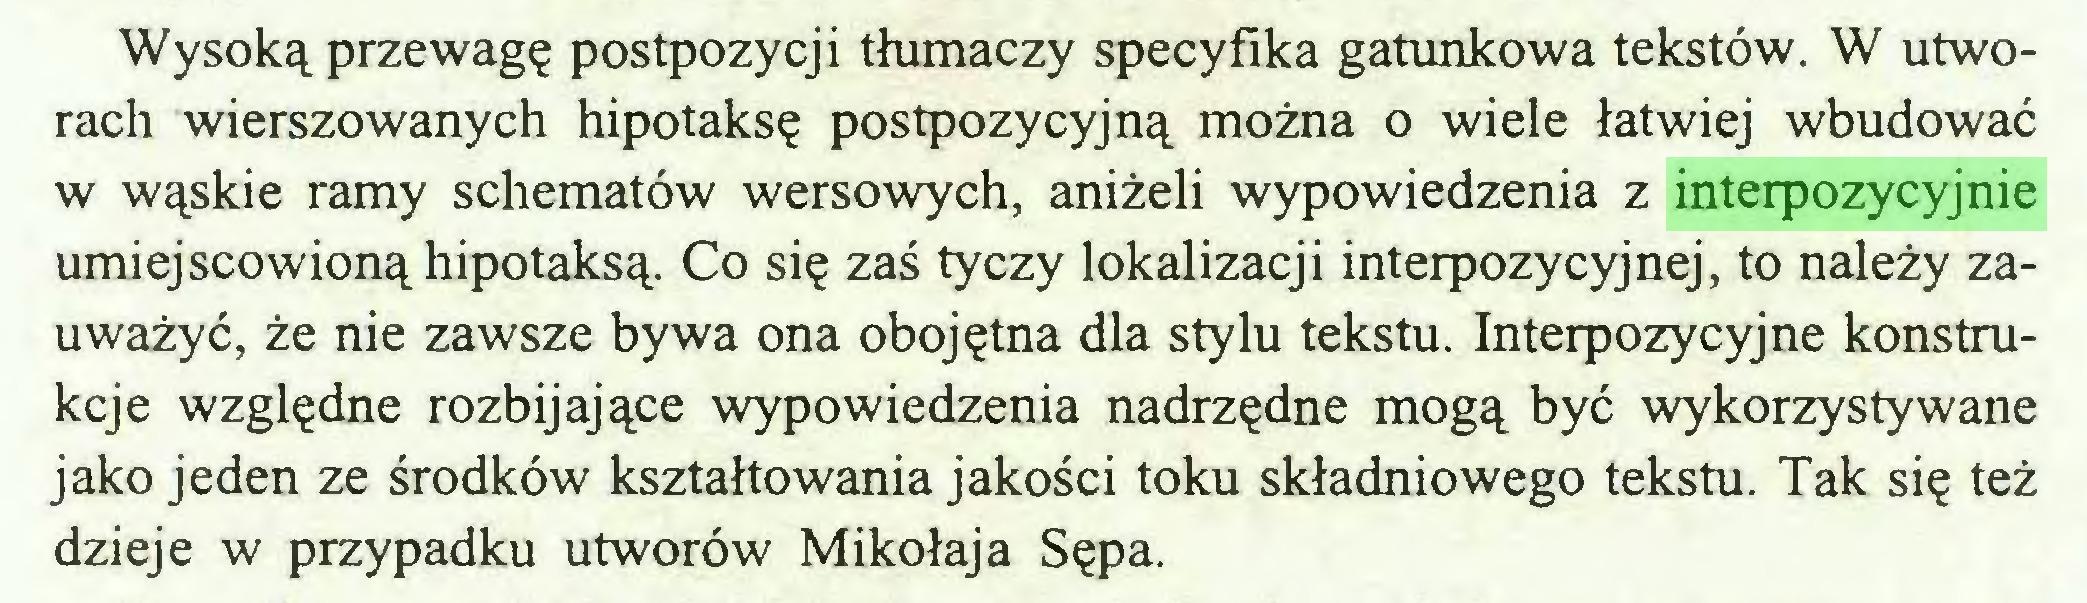 (...) Wysoką przewagę postpozycji tłumaczy specyfika gatunkowa tekstów. W utworach wierszowanych hipotaksę postpozycyjną można o wiele łatwiej wbudować w wąskie ramy schematów wersowych, aniżeli wypowiedzenia z interpozycyjnie umiejscowioną hipotaksą. Co się zaś tyczy lokalizacji interpozycyjnej, to należy zauważyć, że nie zawsze bywa ona obojętna dla stylu tekstu. Interpozycyjne konstrukcje względne rozbijające wypowiedzenia nadrzędne mogą być wykorzystywane jako jeden ze środków kształtowania jakości toku składniowego tekstu. Tak się też dzieje w przypadku utworów Mikołaja Sępa...